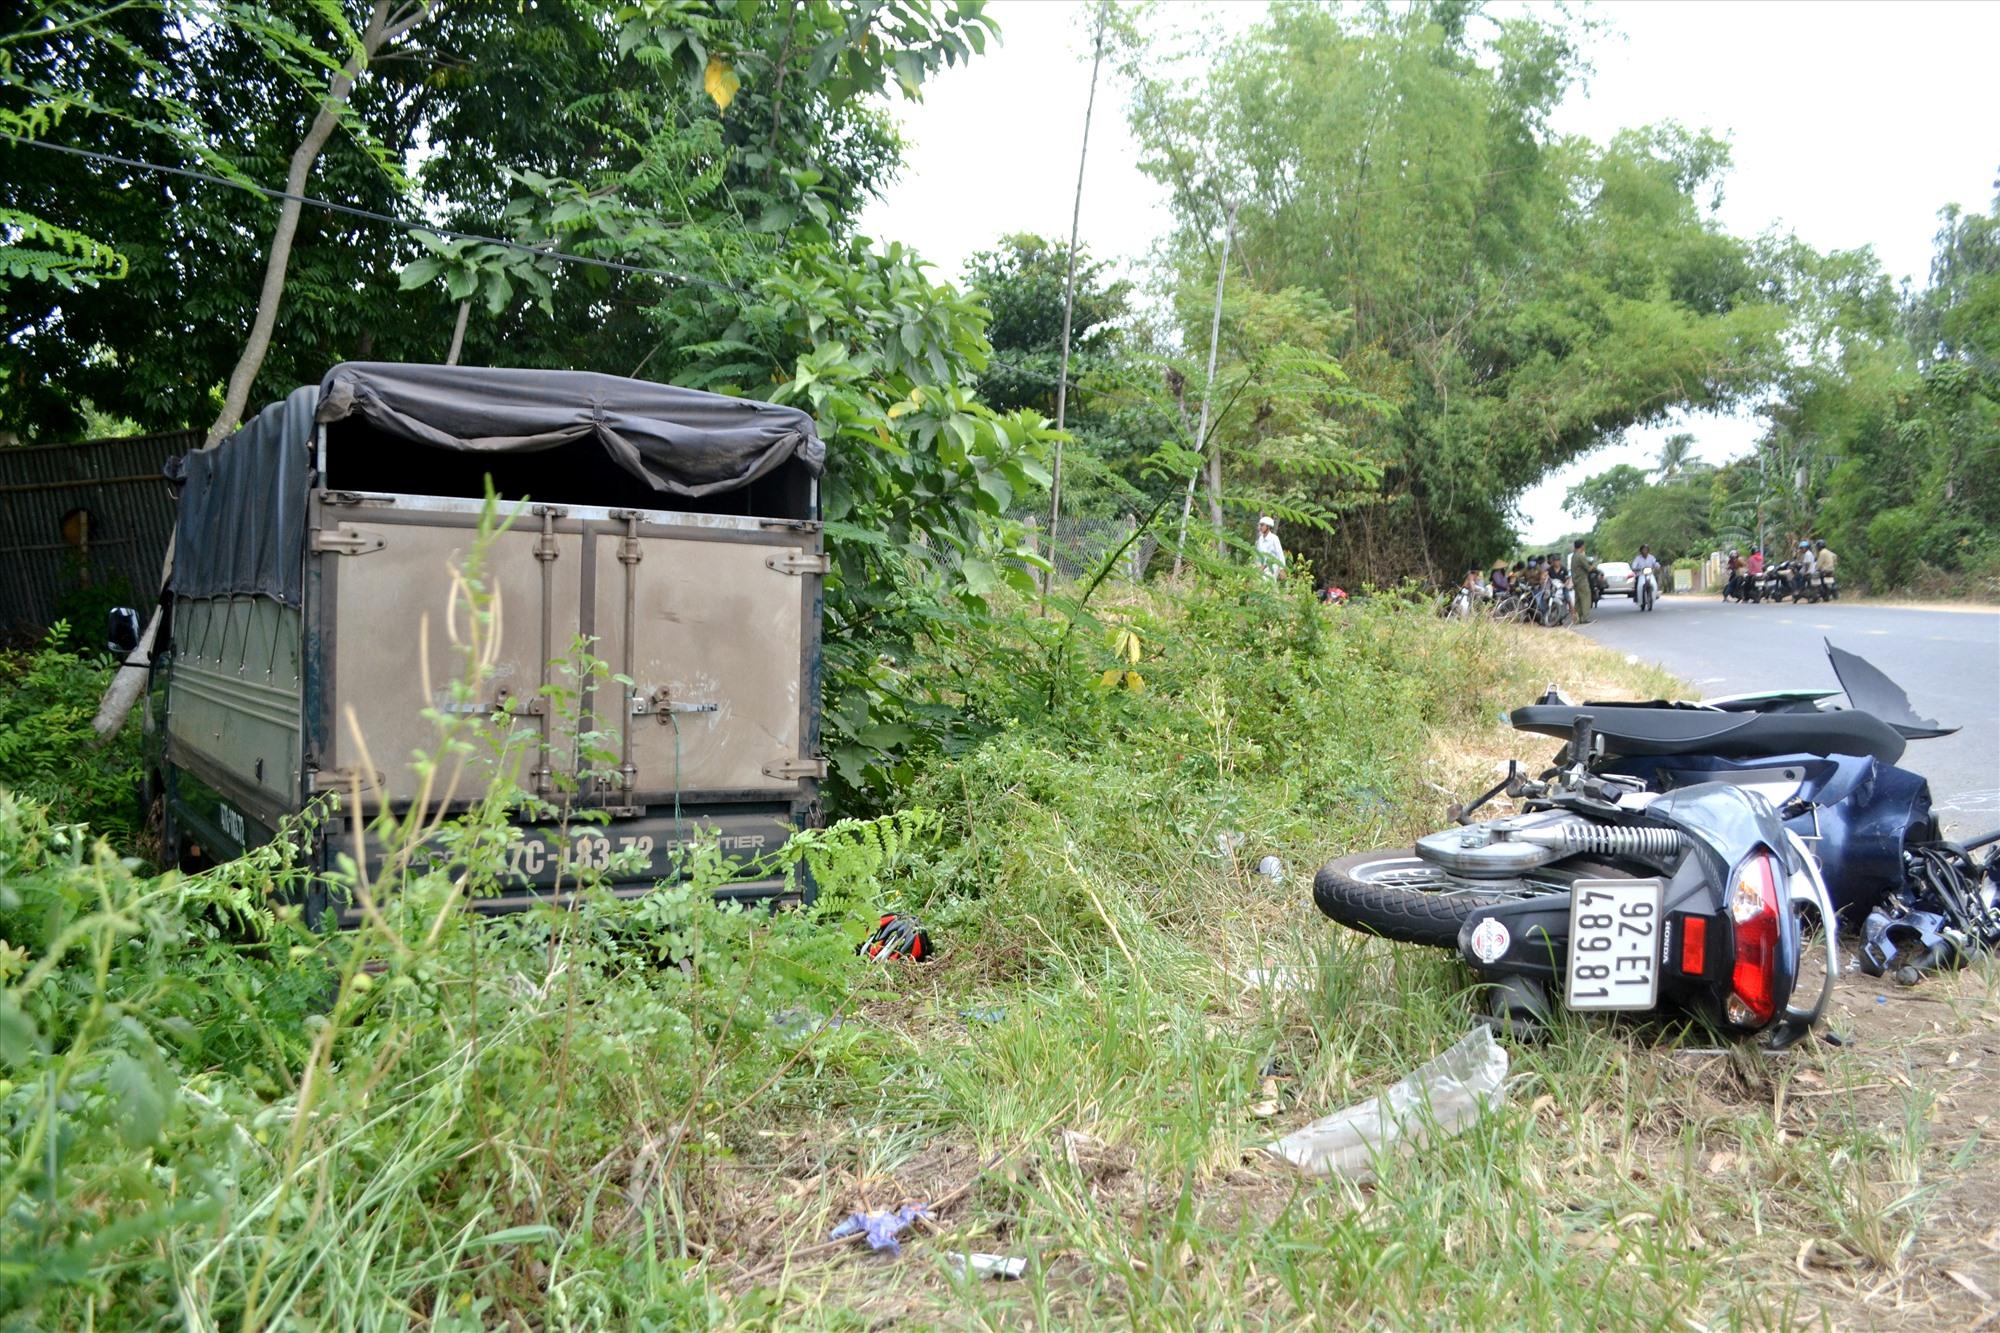 Ngày 18.7.2019 trên tuyến ĐT609B, đoạn qua xã Đại Hiệp (Đại Lộc), ô tô tải mất lái đâm vào xe máy khiến 2 cha con đi tử vong.